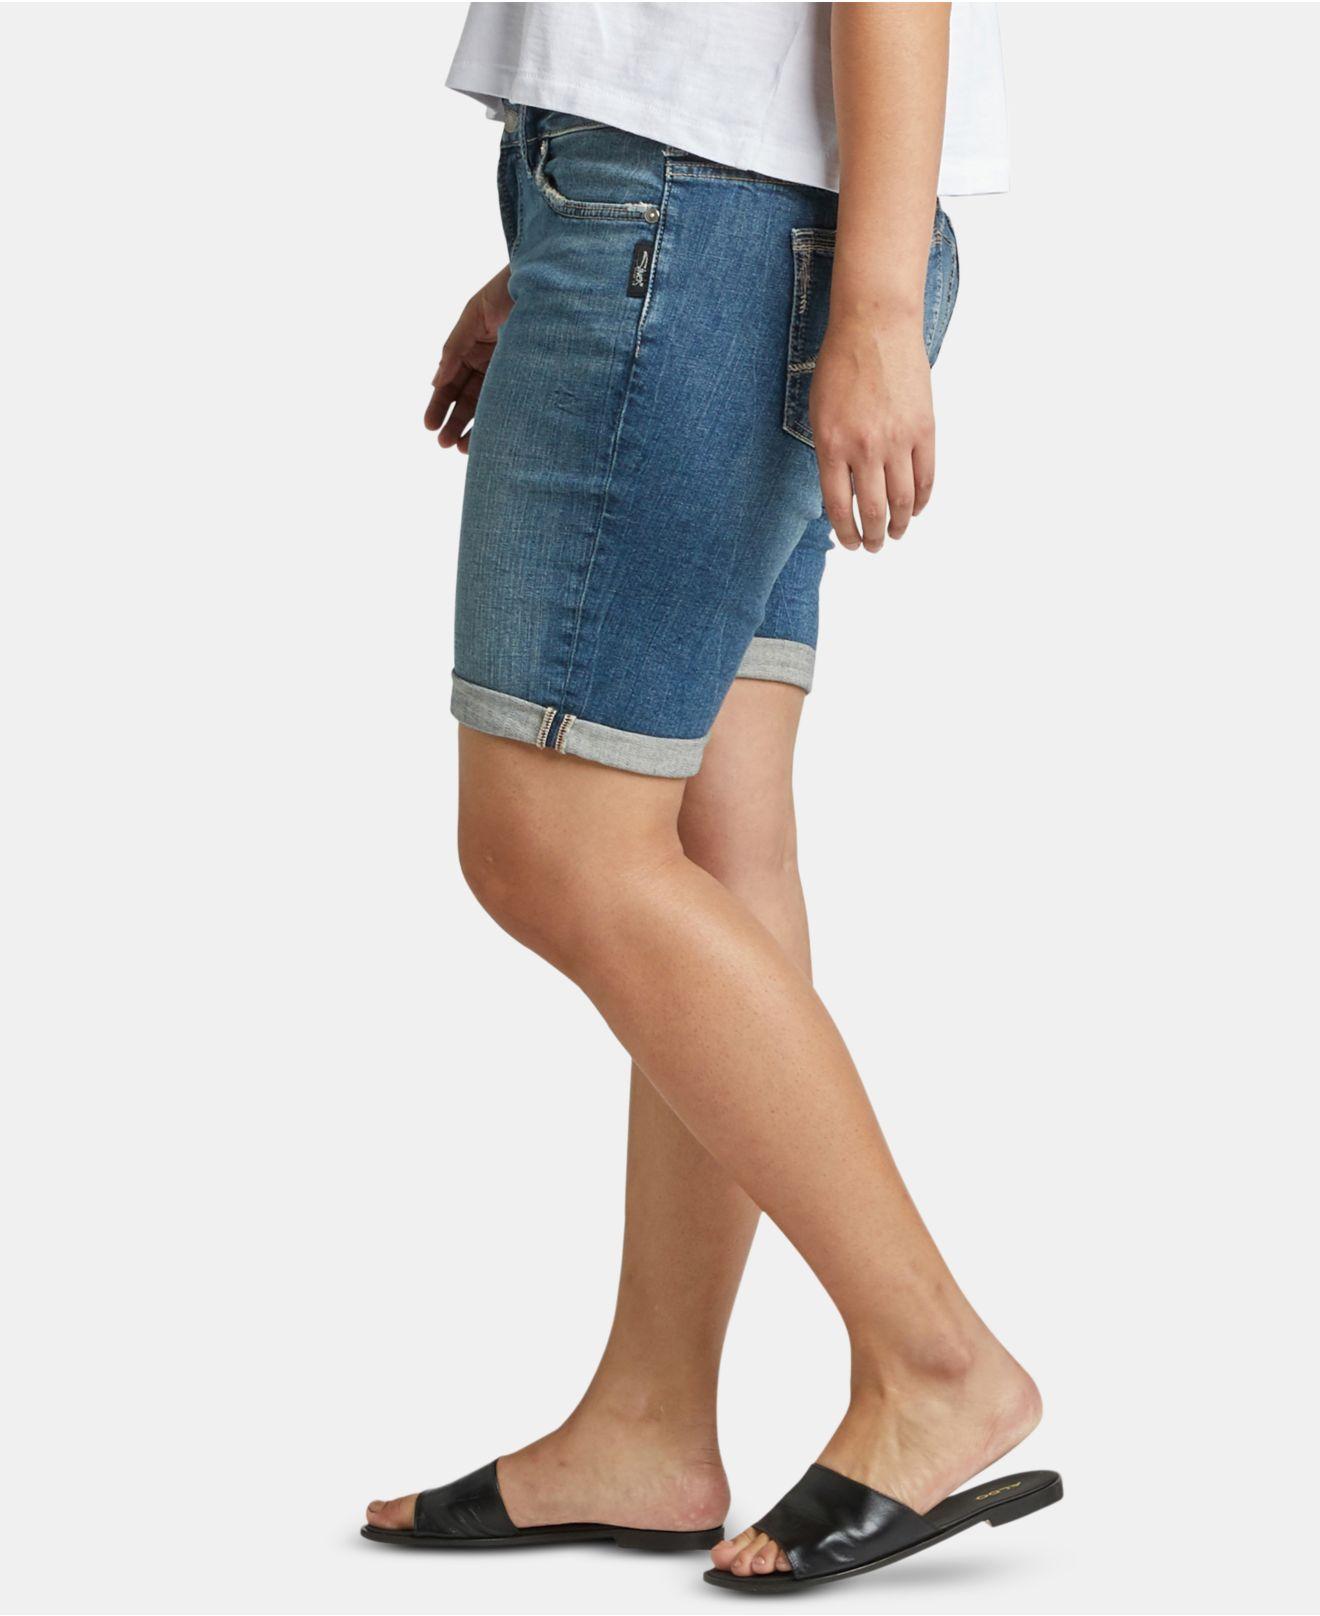 b90a35eb09 Silver Jeans Co. - Blue Plus Size Elyse Bermuda Jean Shorts - Lyst. View  fullscreen